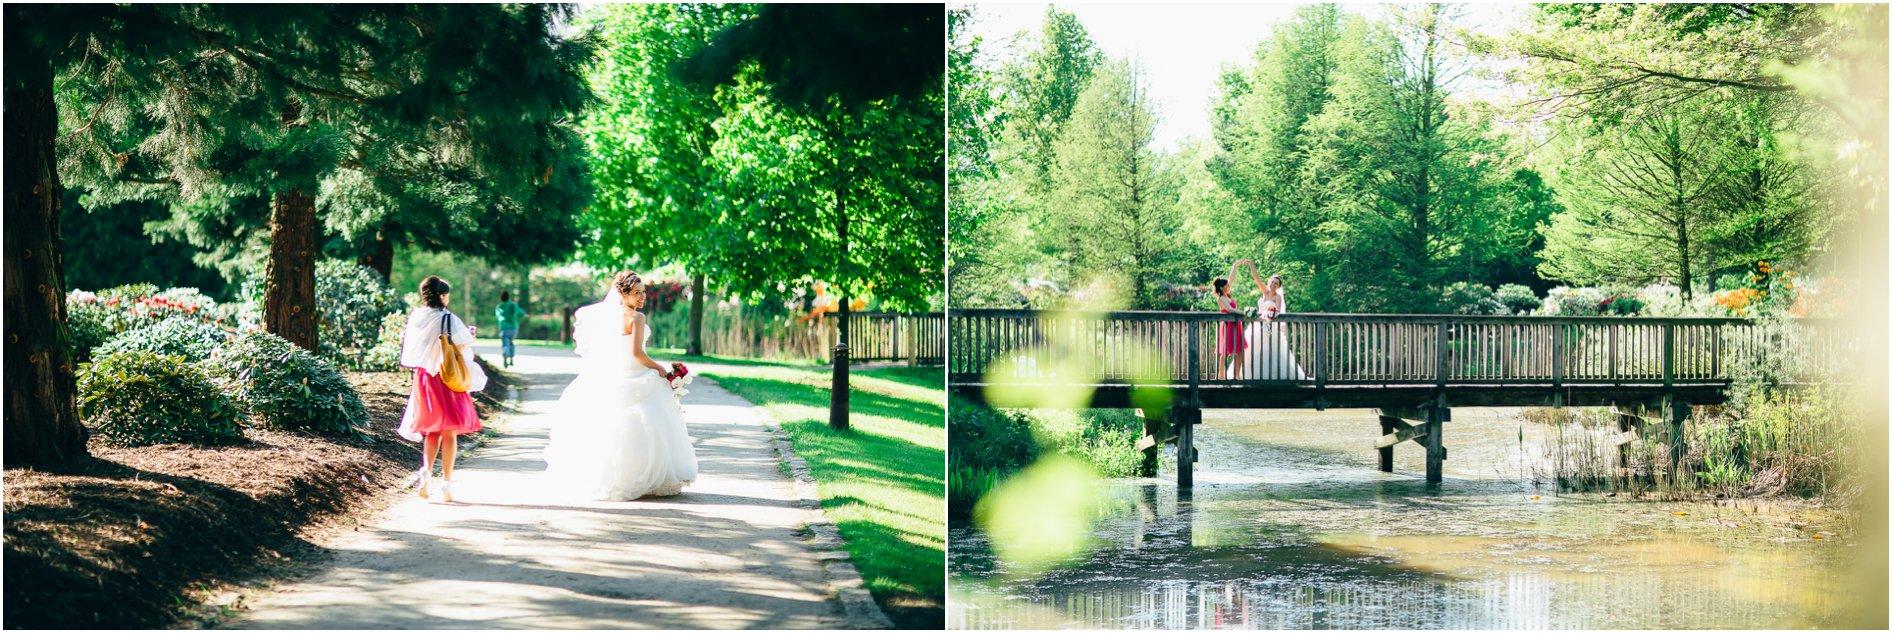 2014-07-16_0195 Anna & Igor - Hochzeitsfotograf in Bremen